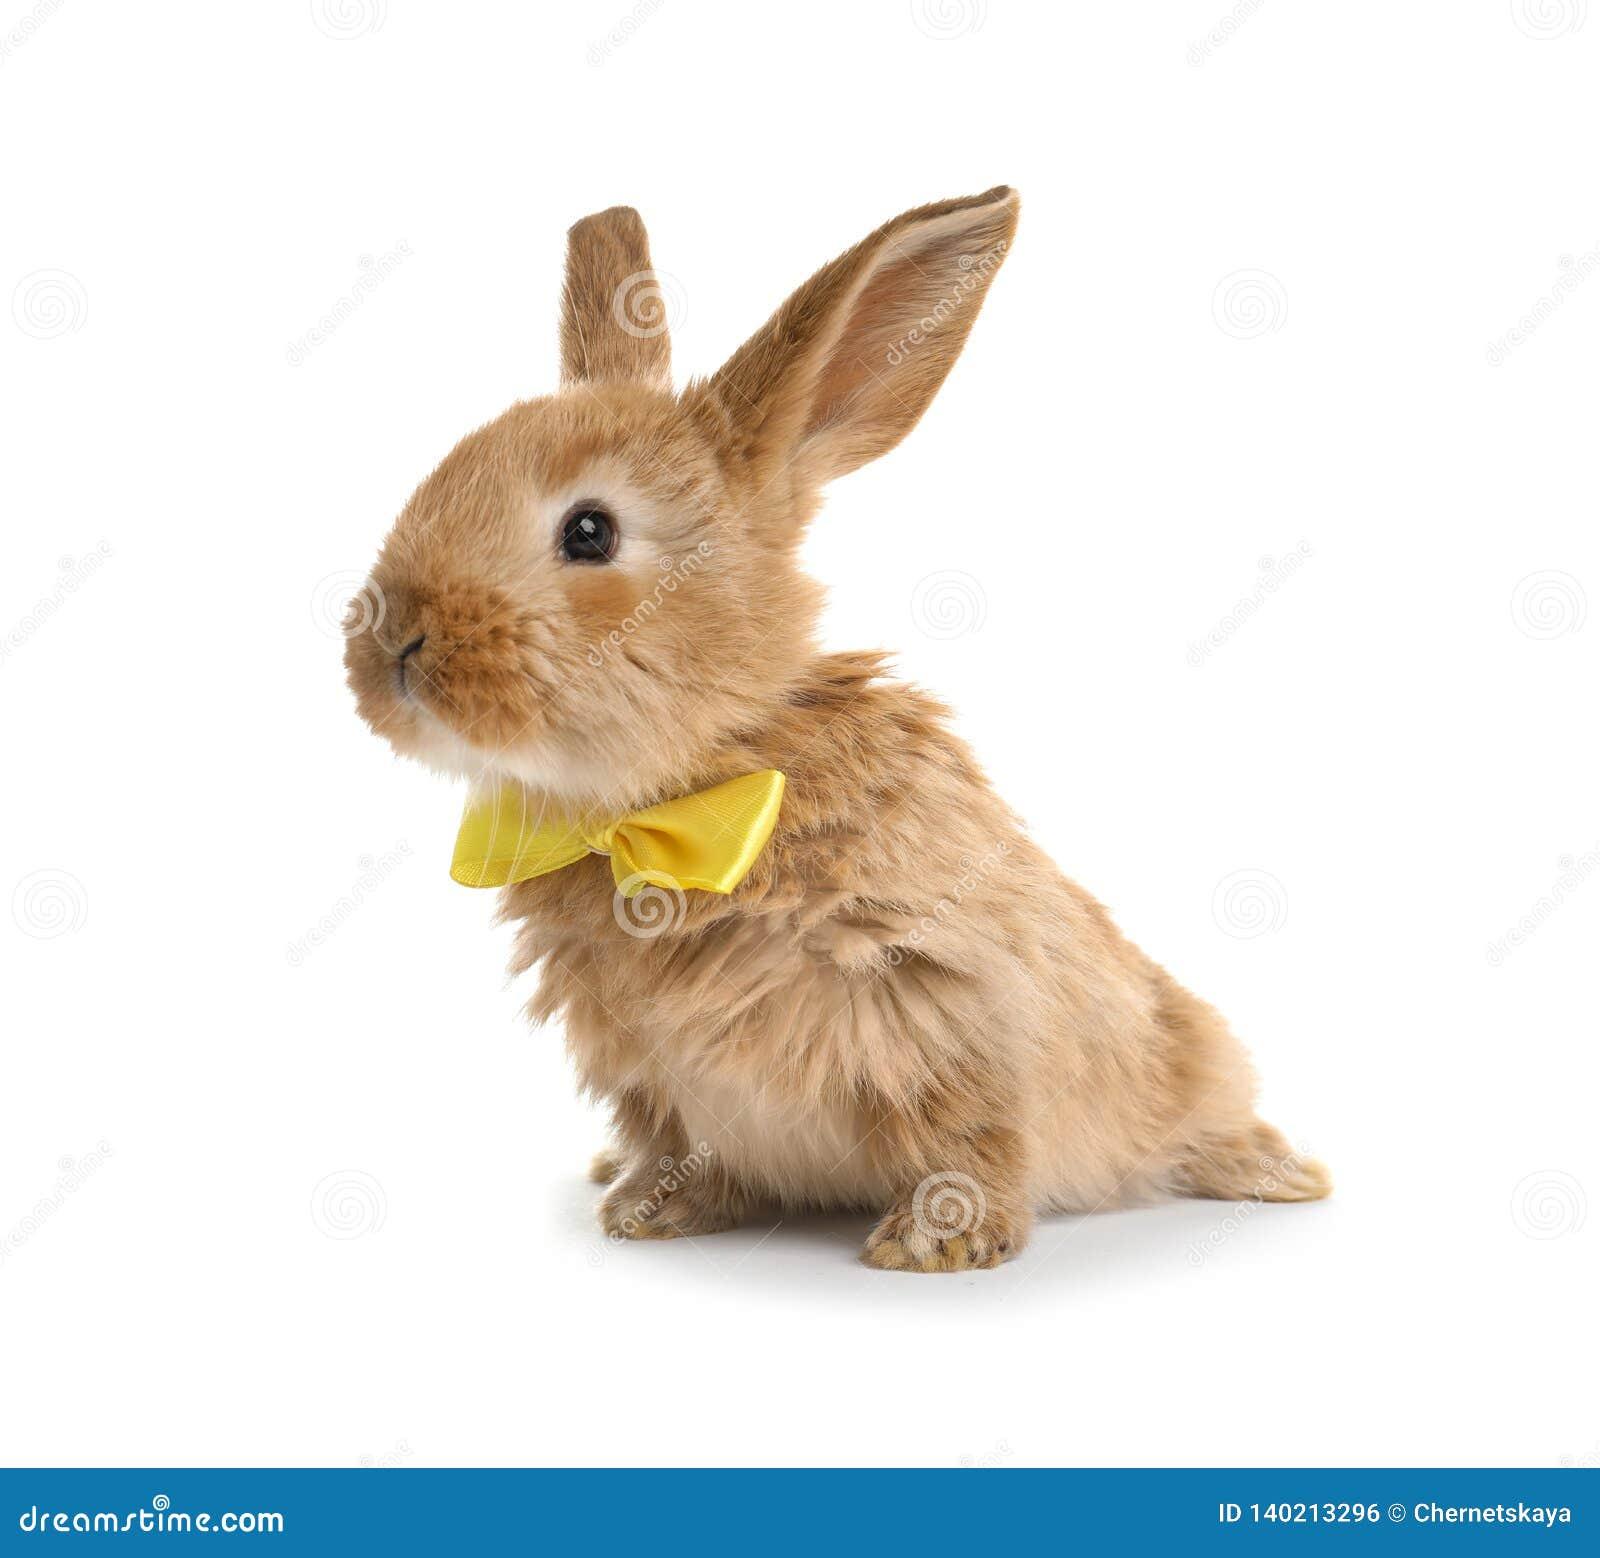 Lapin de Pâques velu adorable avec le noeud papillon mignon